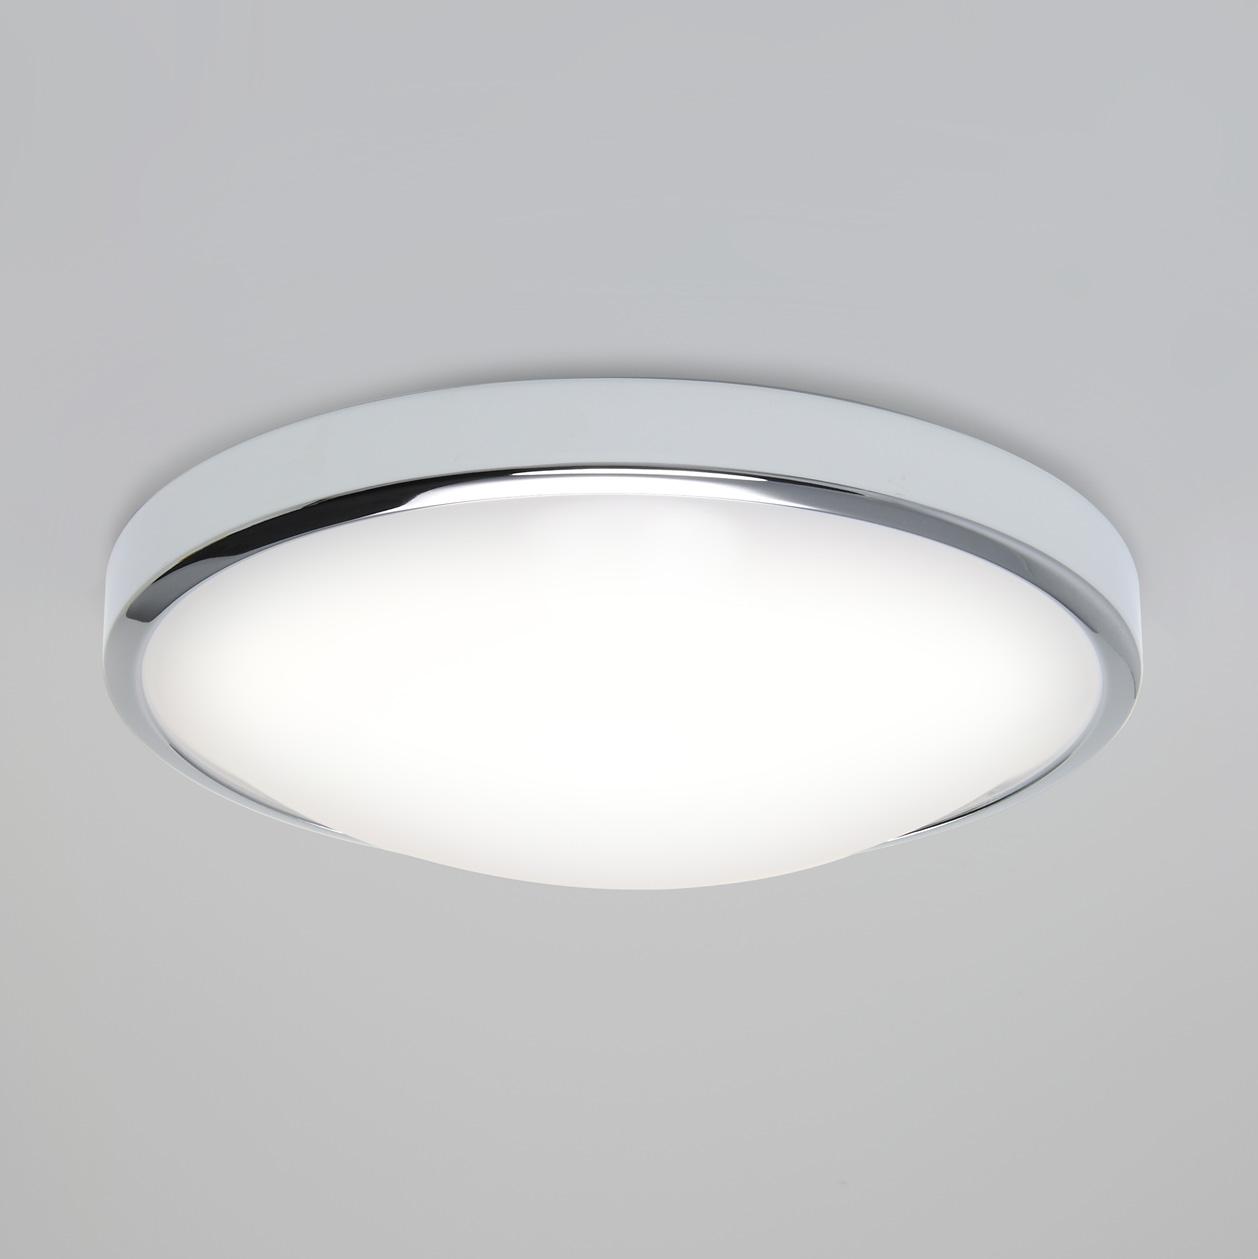 Astro Osaka 350 Microwave Pir Led Bathroom Ceiling Wall Light Chrome 24w Ip44 Liminaires